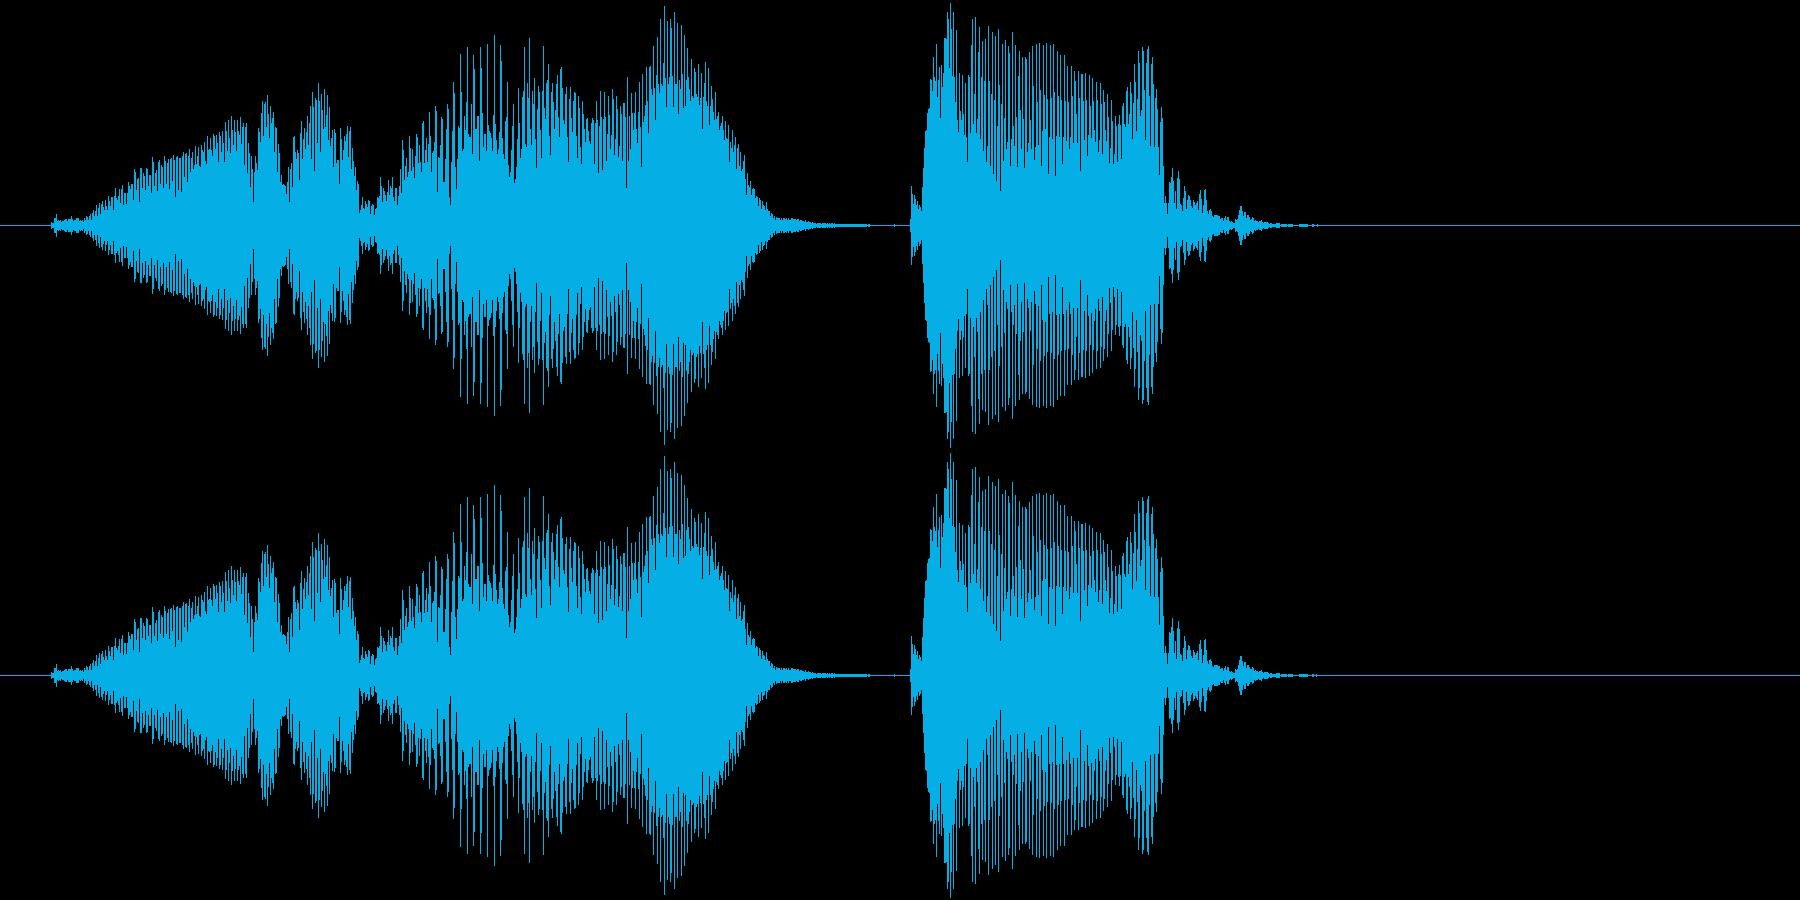 遊技機ゲーム用女性ボイス「グレイト」の再生済みの波形